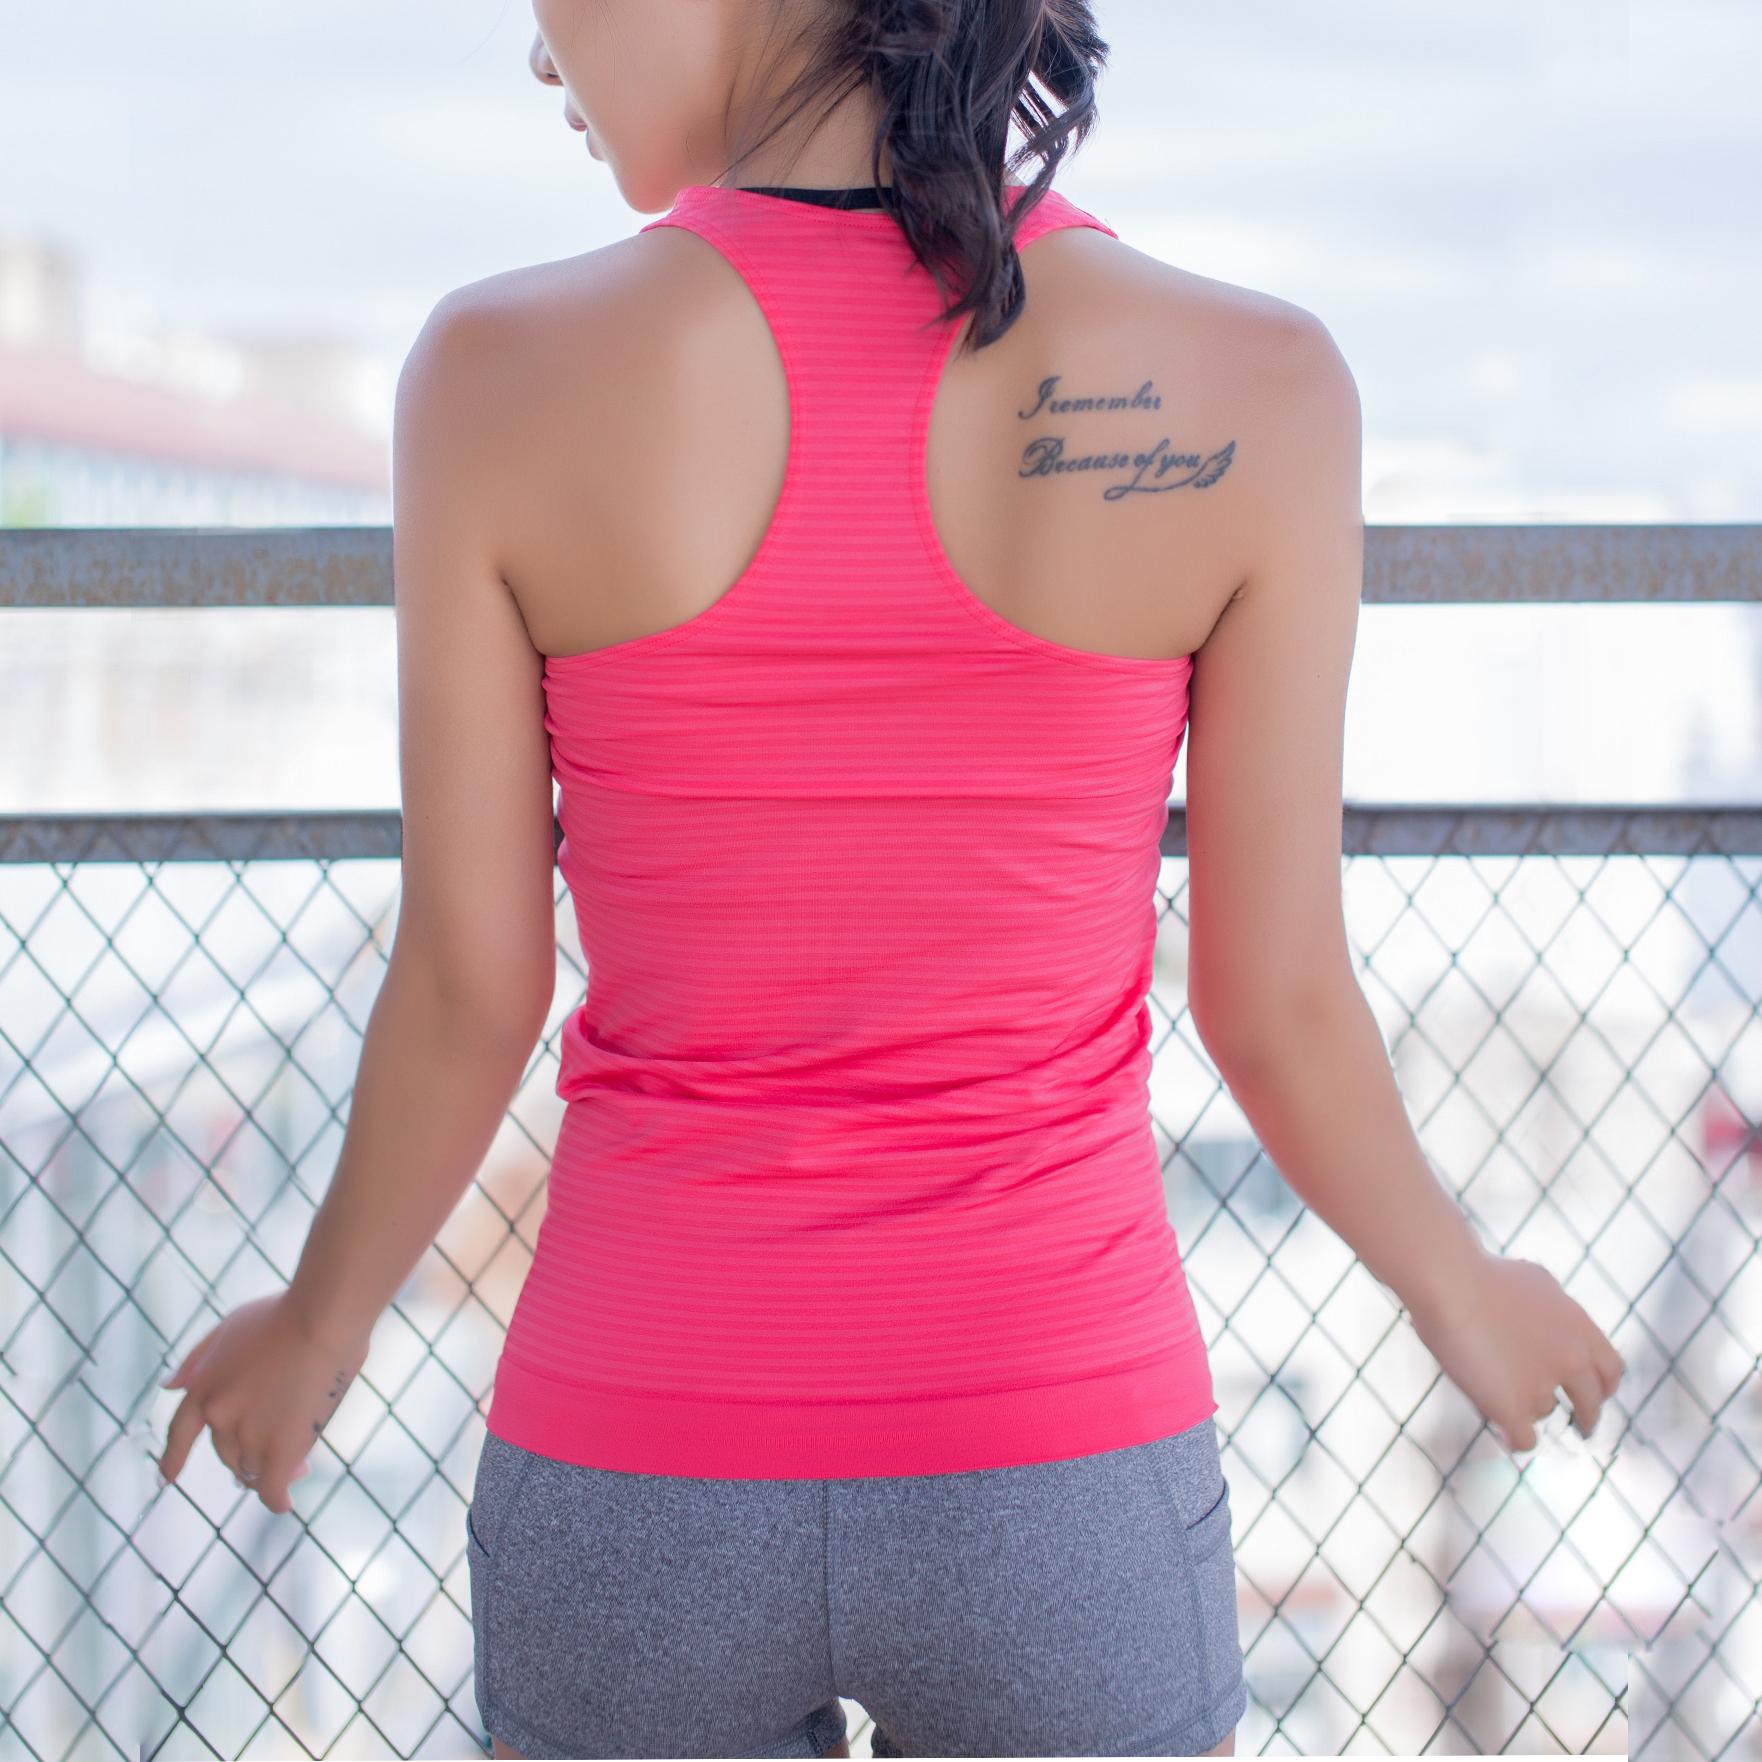 无袖运动t恤 无袖打底工字运动背心女夏修身百搭外穿健身跑步速干瑜伽条纹T恤_推荐淘宝好看的女无袖运动t恤